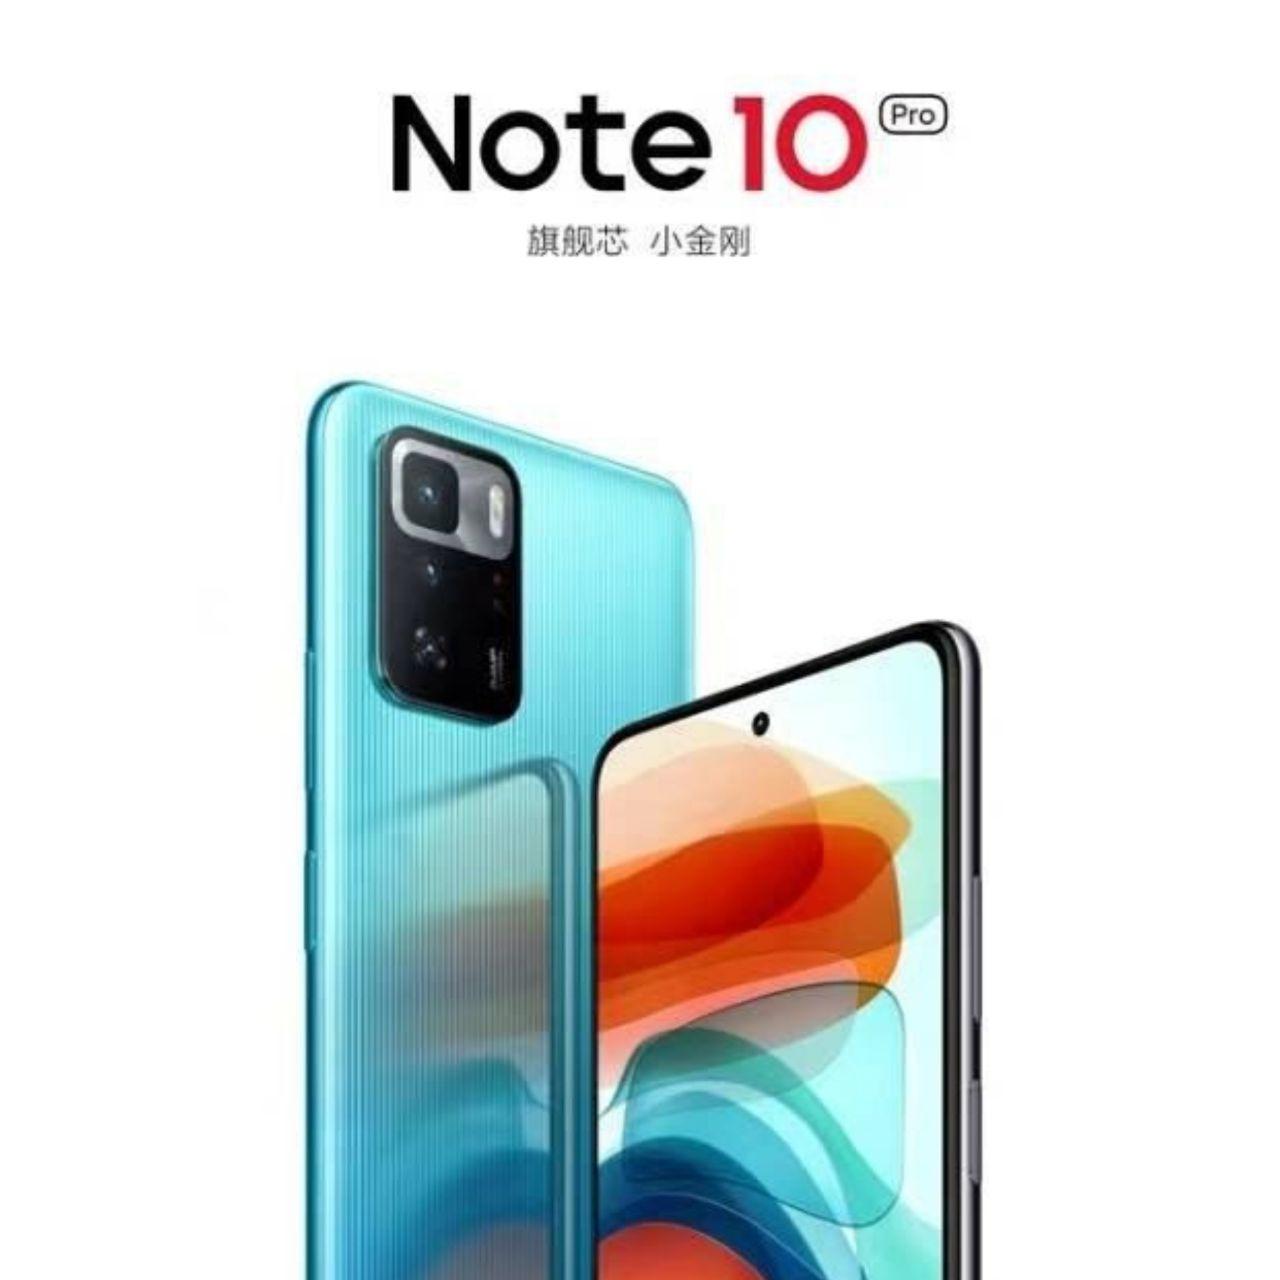 ردمی Note 10 Pro نسخه چین